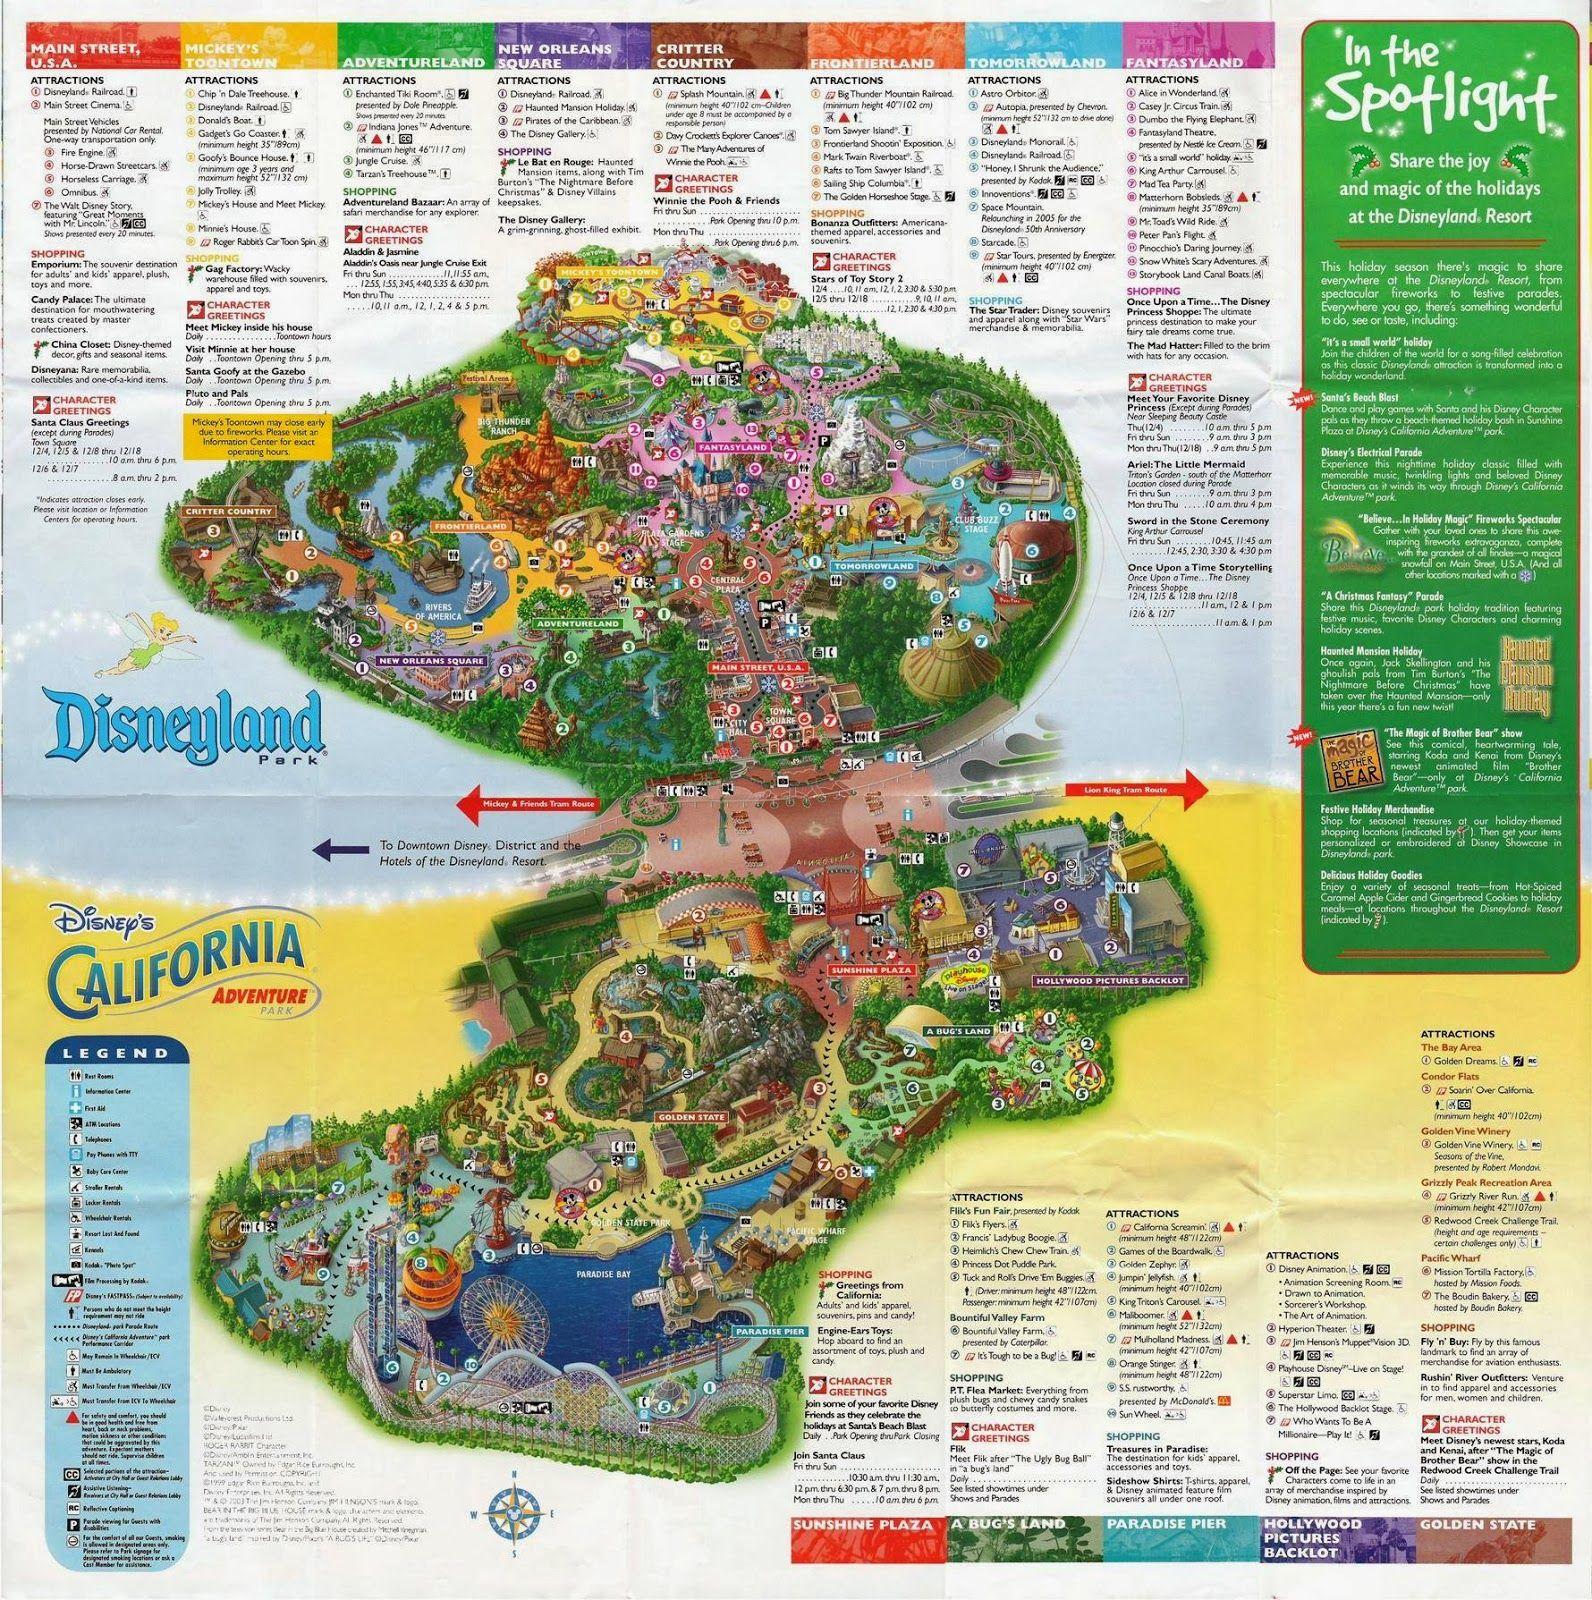 Disneyland Printable Park Map 2014 | File Name : Disneyland+And+ - California Adventure Map 2017